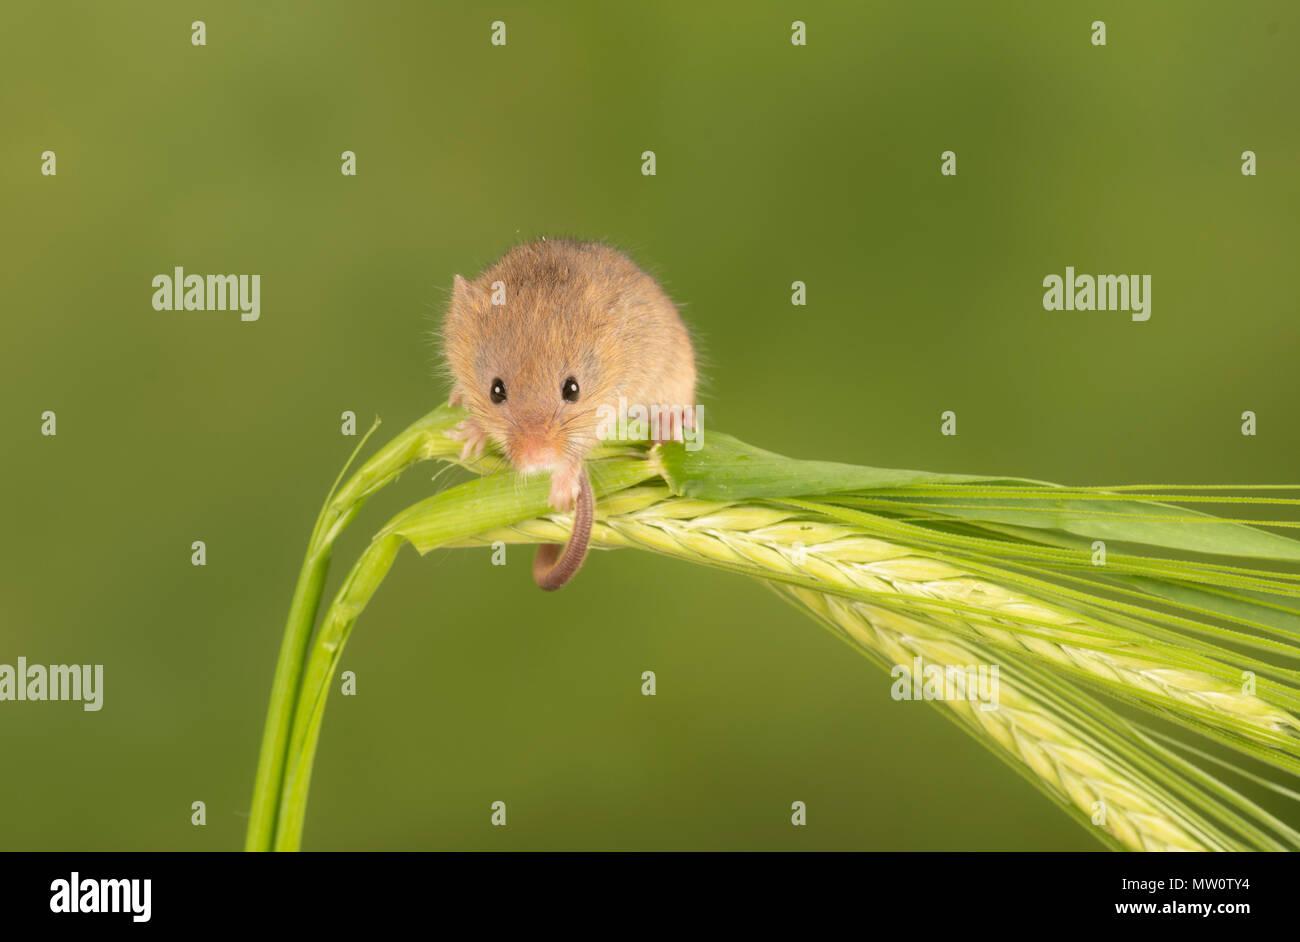 Ernte Maus klettern auf grashalme Stockbild